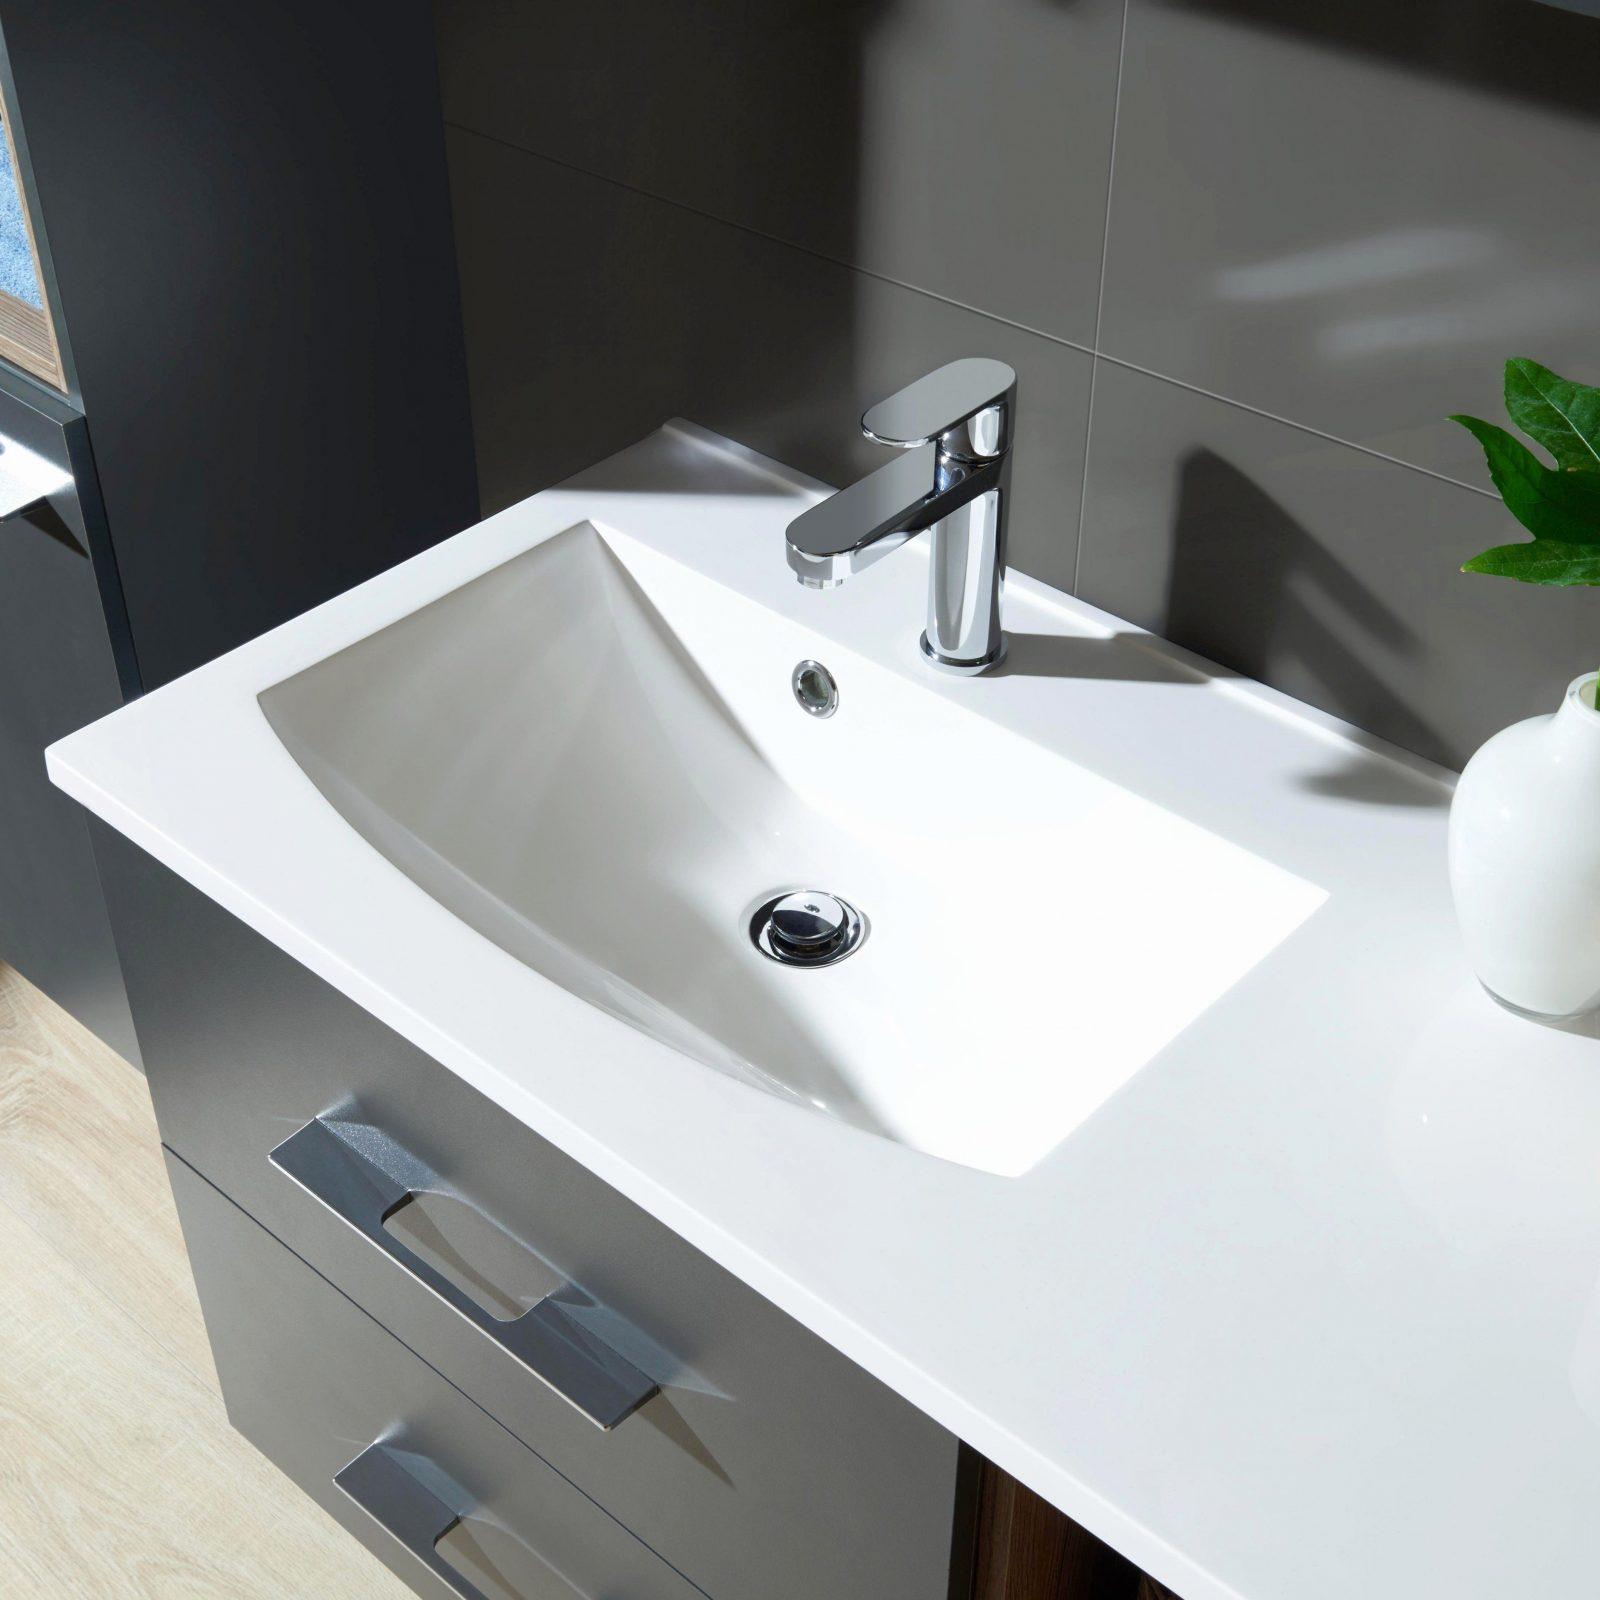 Waschtisch 40 Cm Tief Mit Unterschrank Waschbecken 40 Cm: Waschbecken 40 Cm Breit Simple Camargue Star Waschtisch X